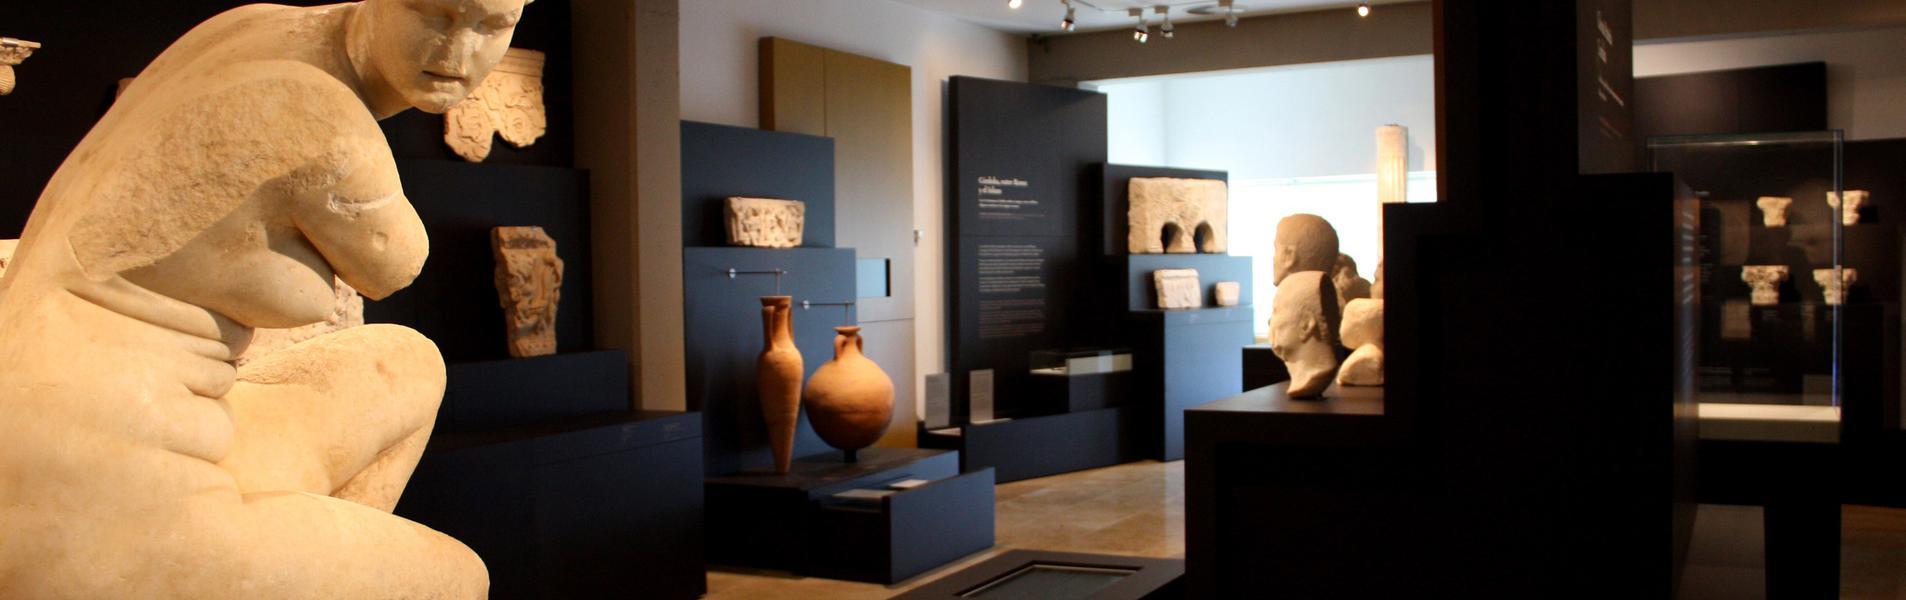 Museo Arqueológico y Etnológico